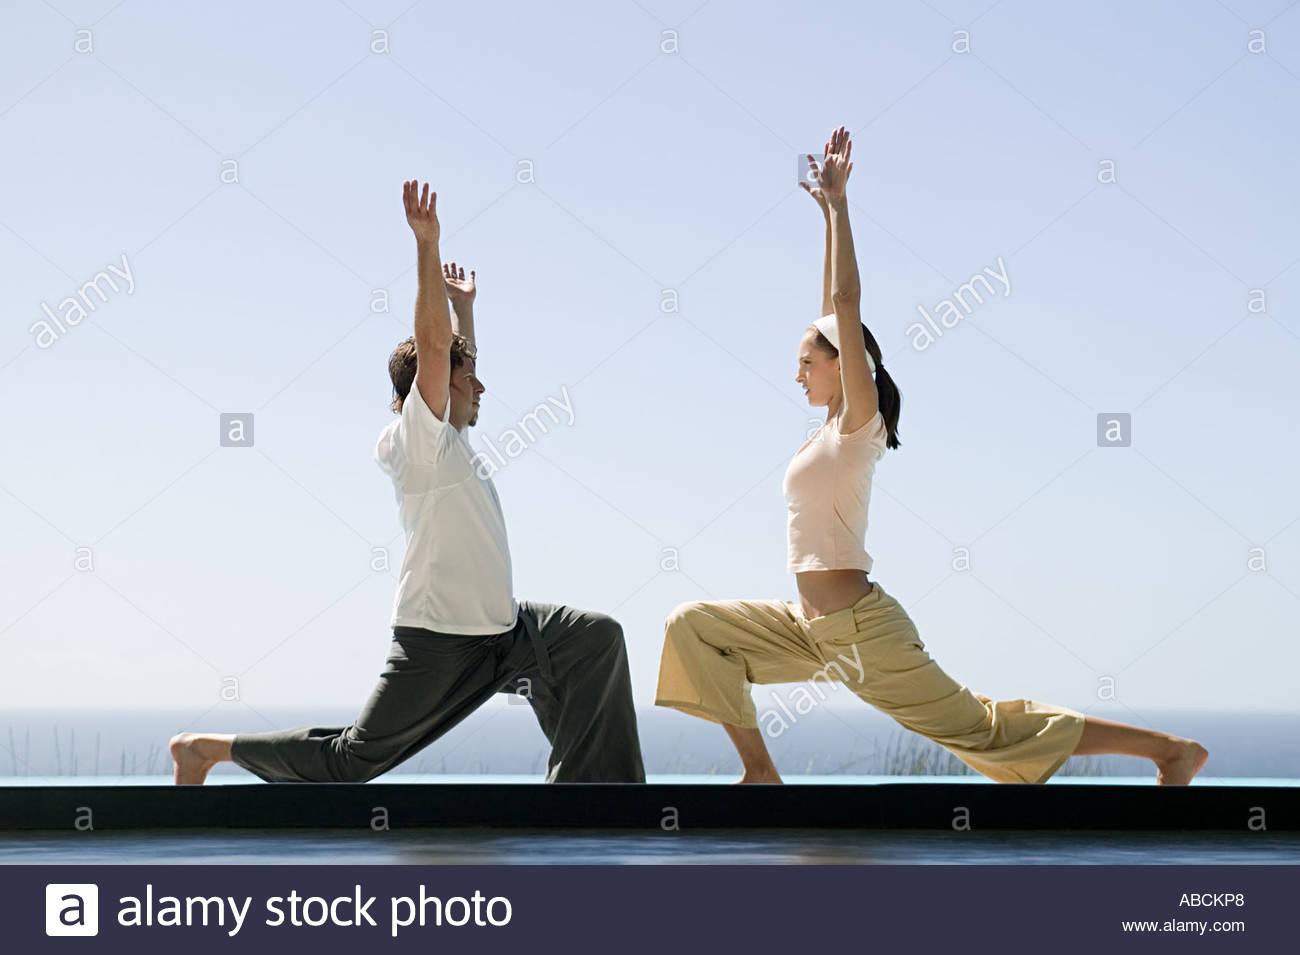 Deux Personnes Dans Des Positions De Yoga